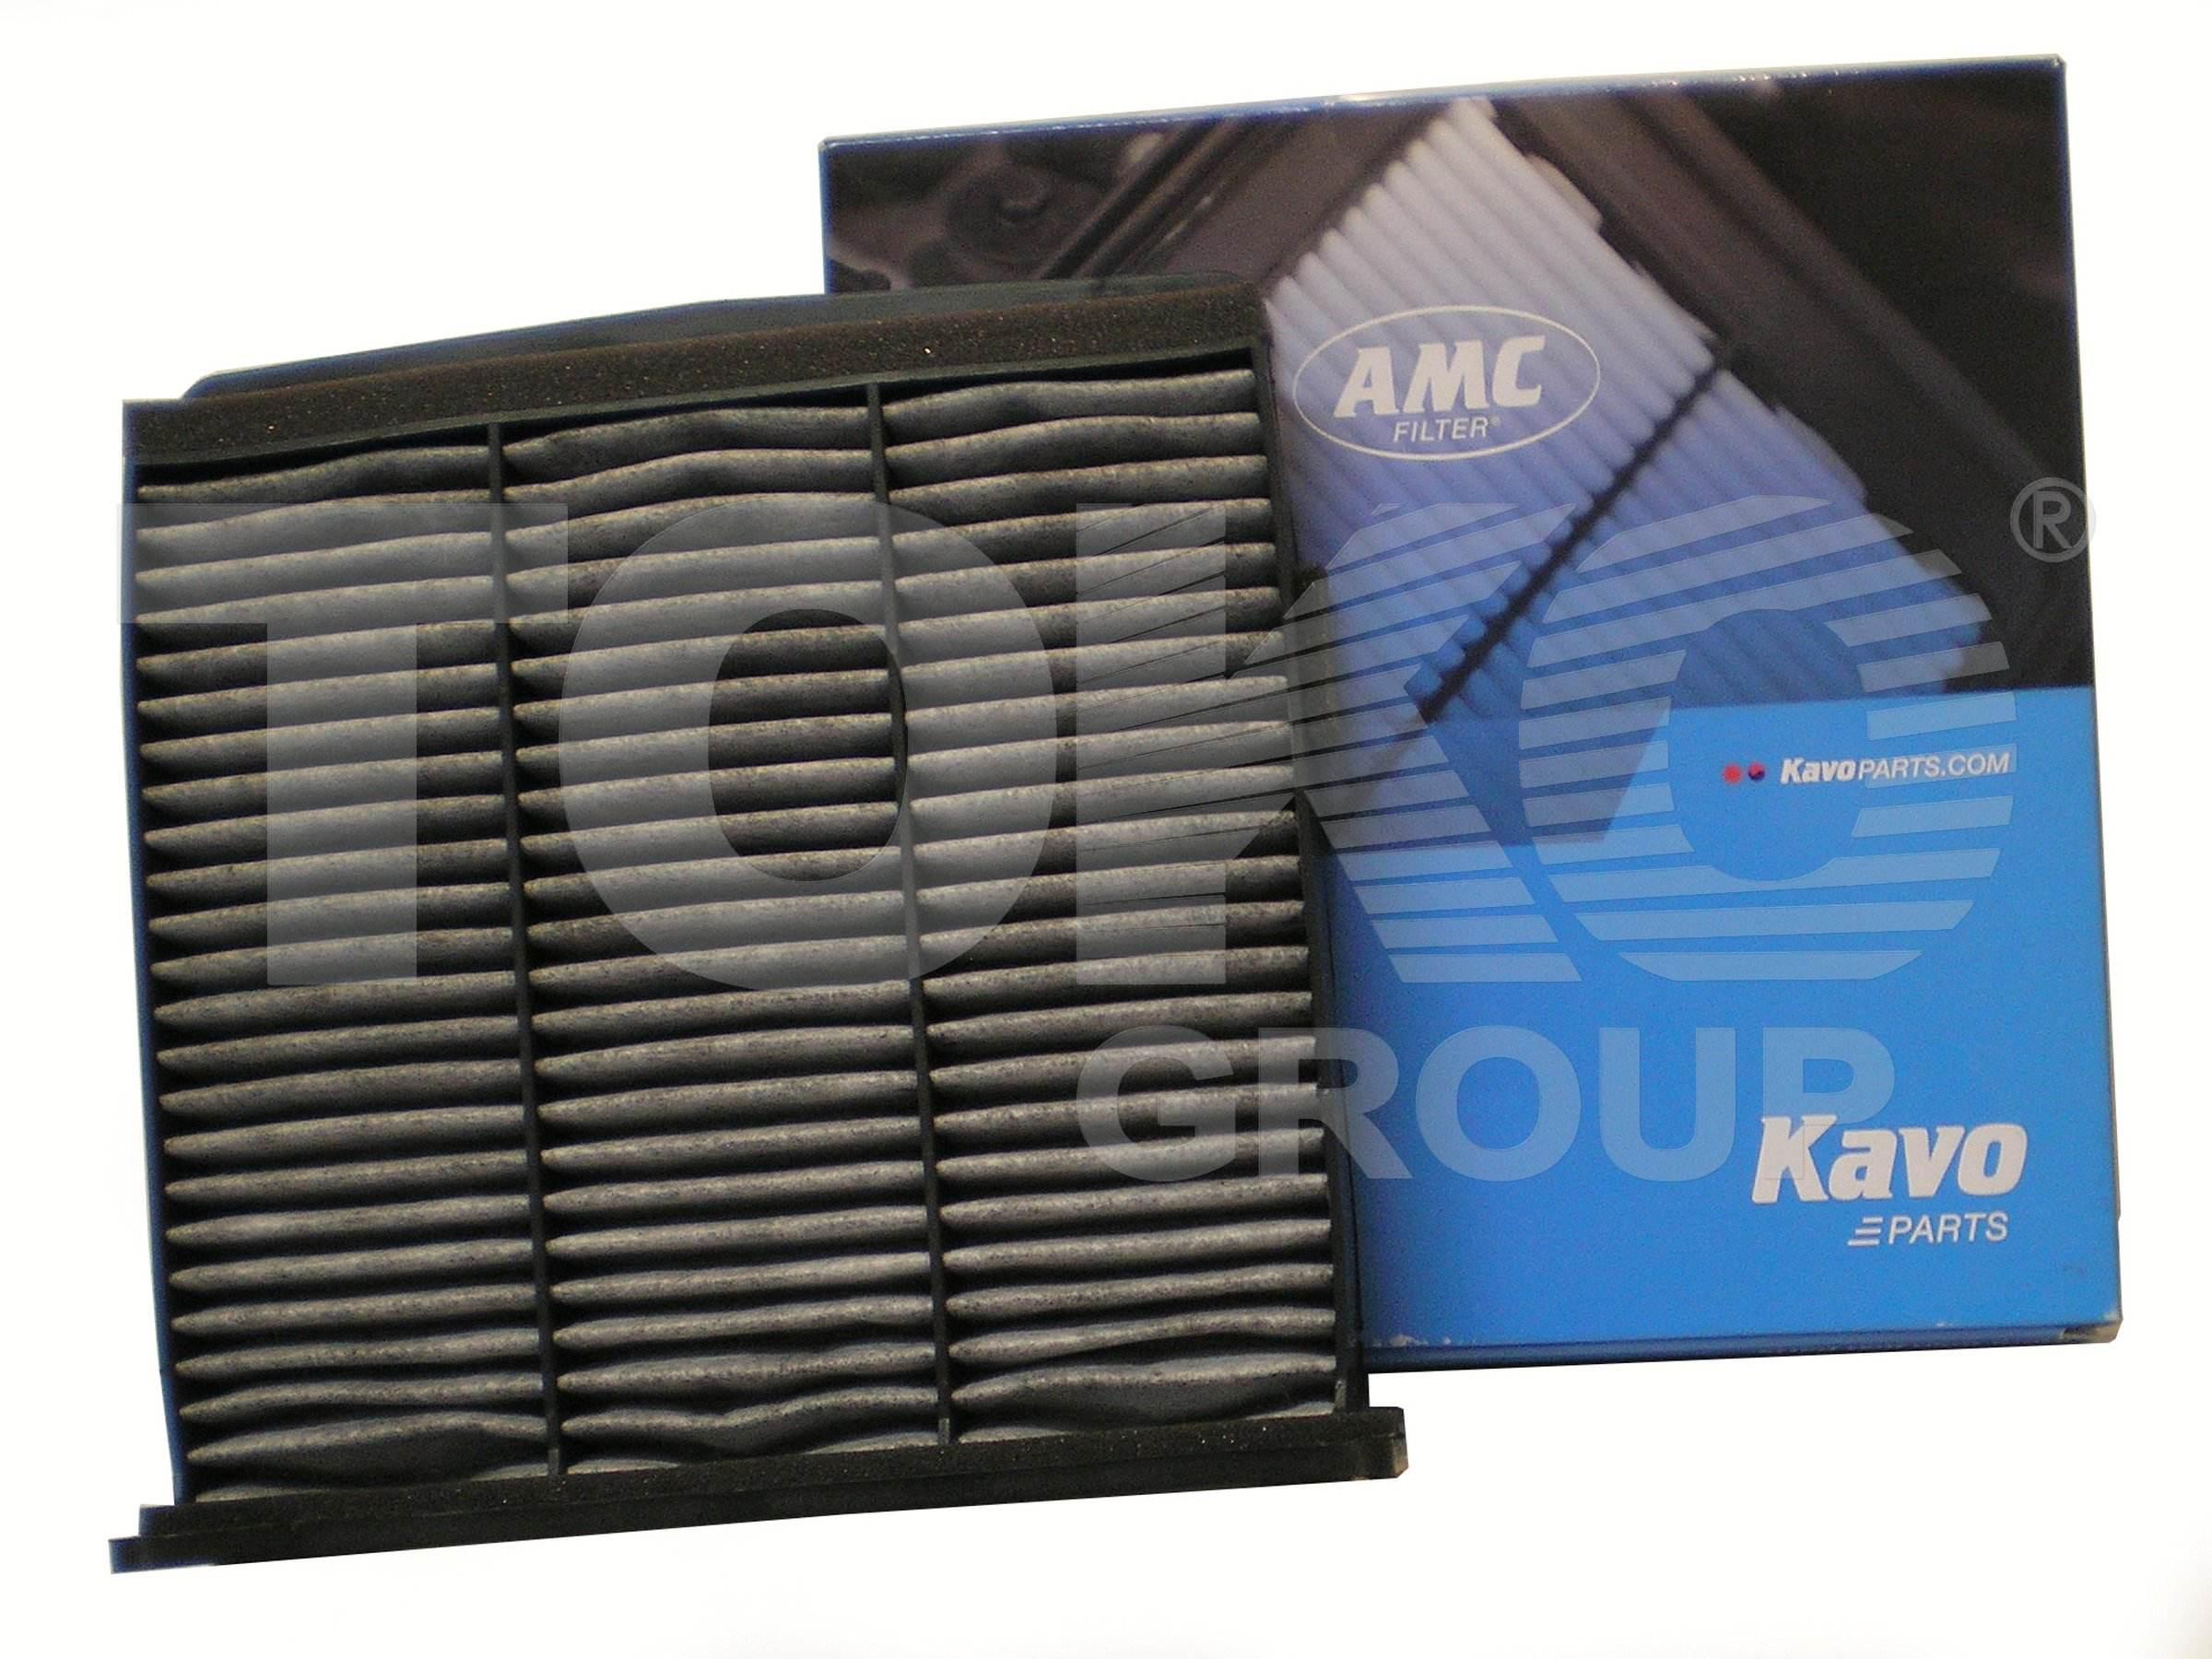 Фильтр кондиционера {угольный} AMC Filter MC-4015C - Фото #1